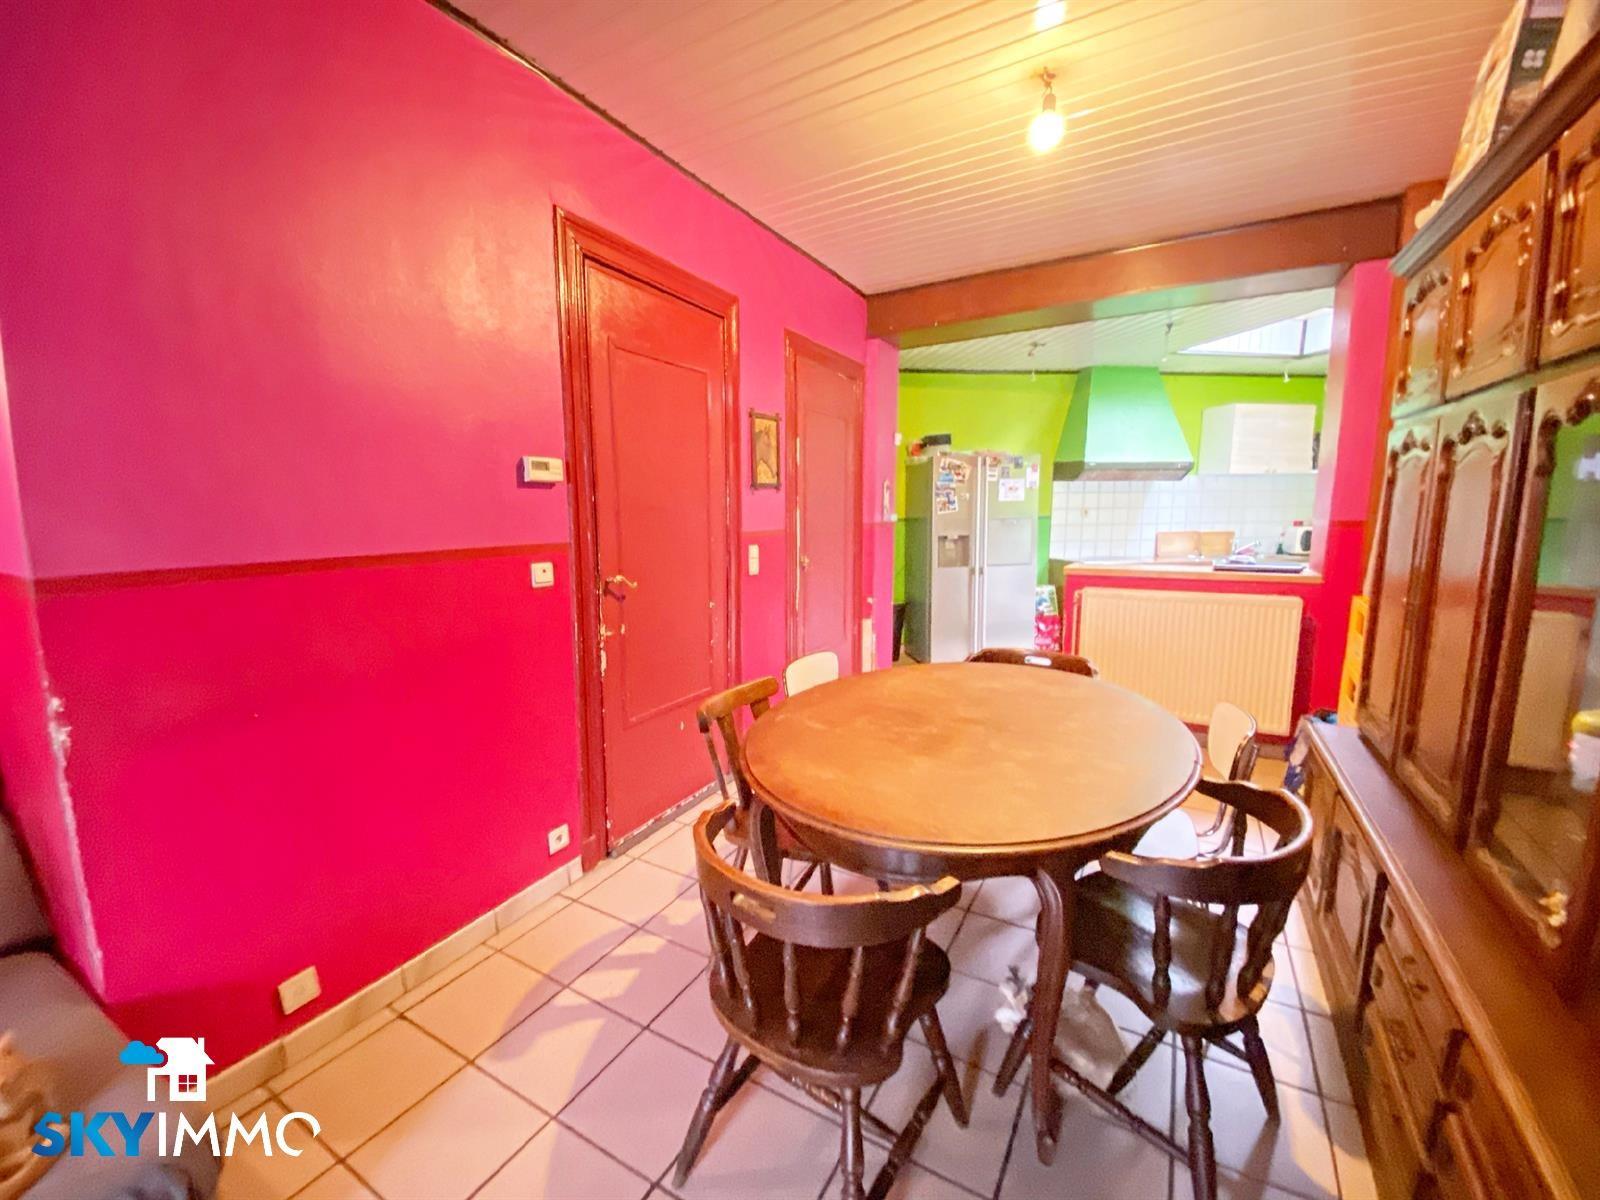 Maison - Seraing - #4302908-5